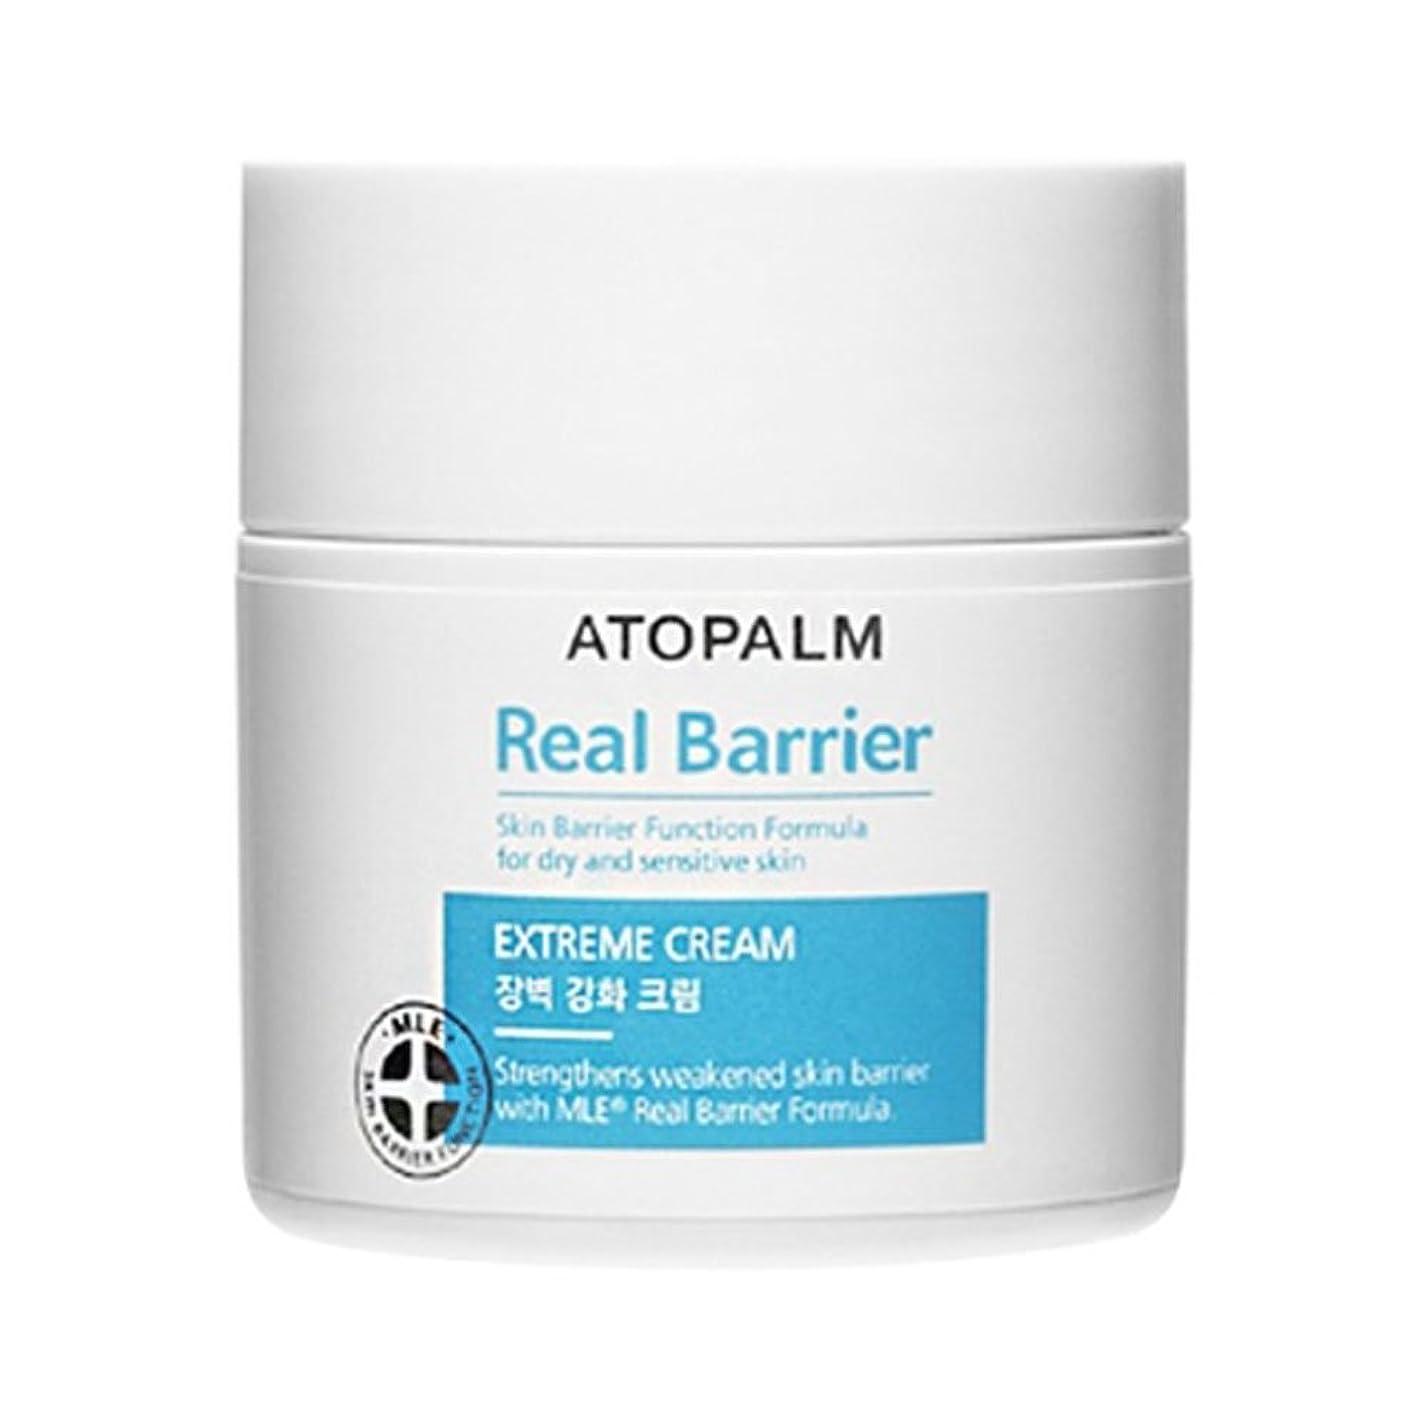 製作うれしい全体アトファムリアルバリア?エクストリームクリーム50ml、韓国化粧品 ATOPALM Real Barrier Extream Cream 50ml, Korean Cosmetics [並行輸入品]